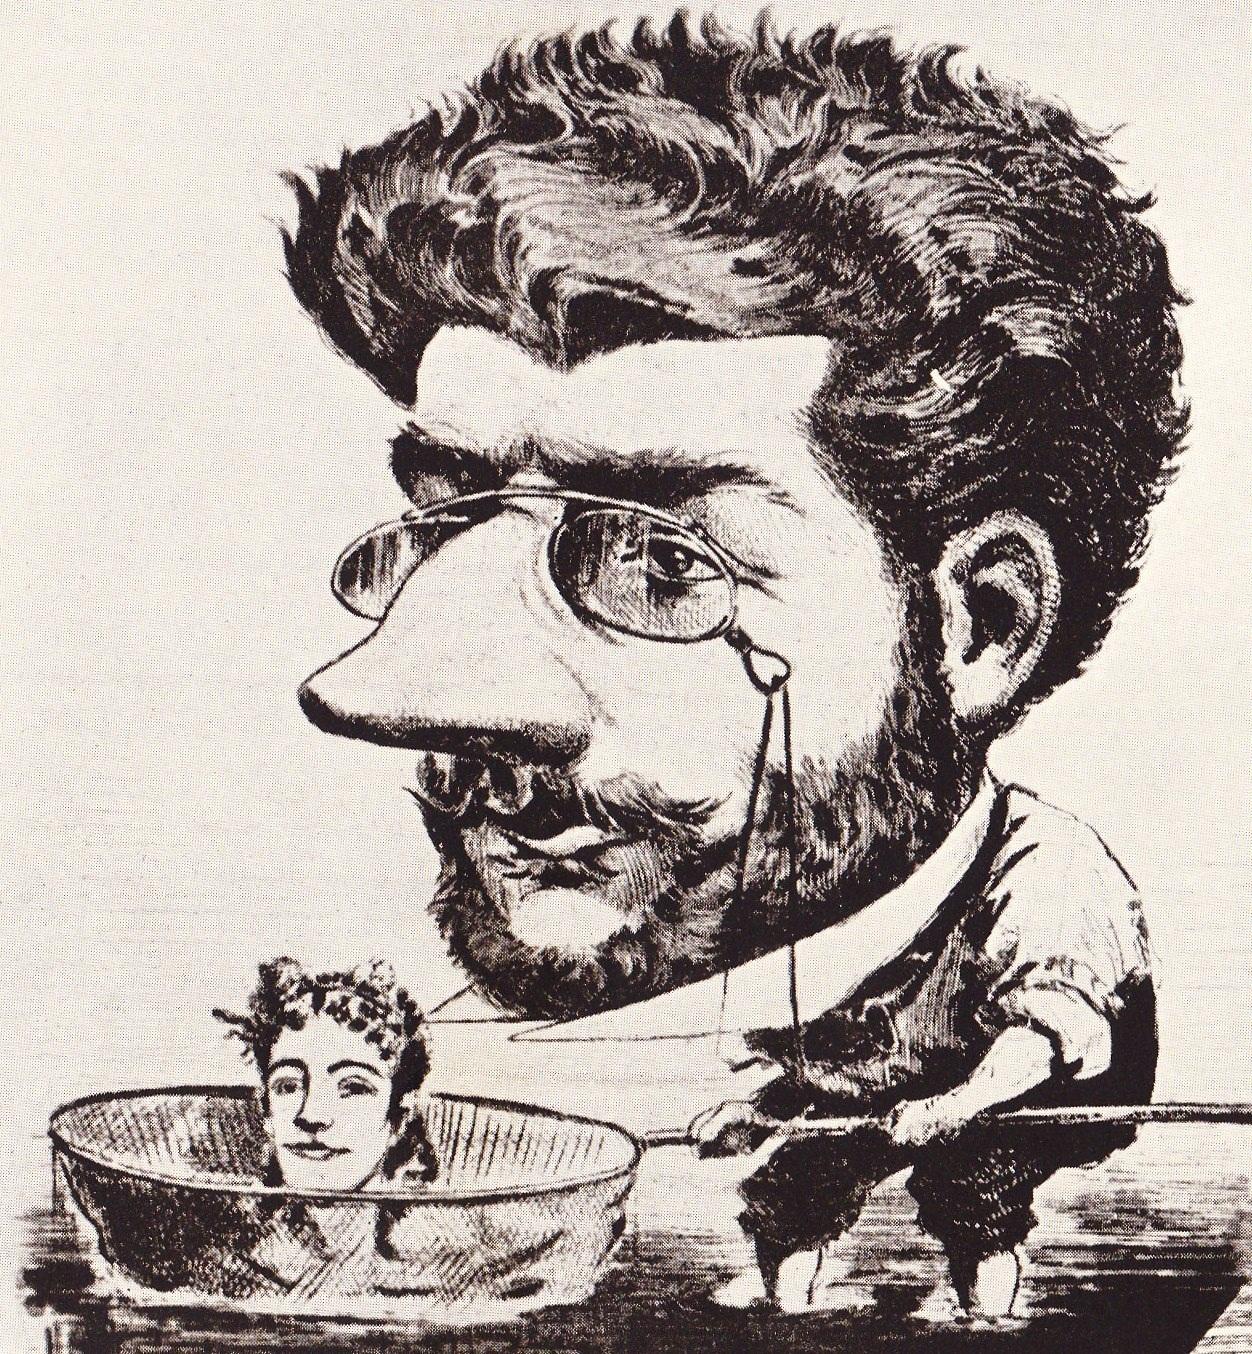 Caricatura de Bizet, 1863, de la publicación francesa <em>Diogène</em>.